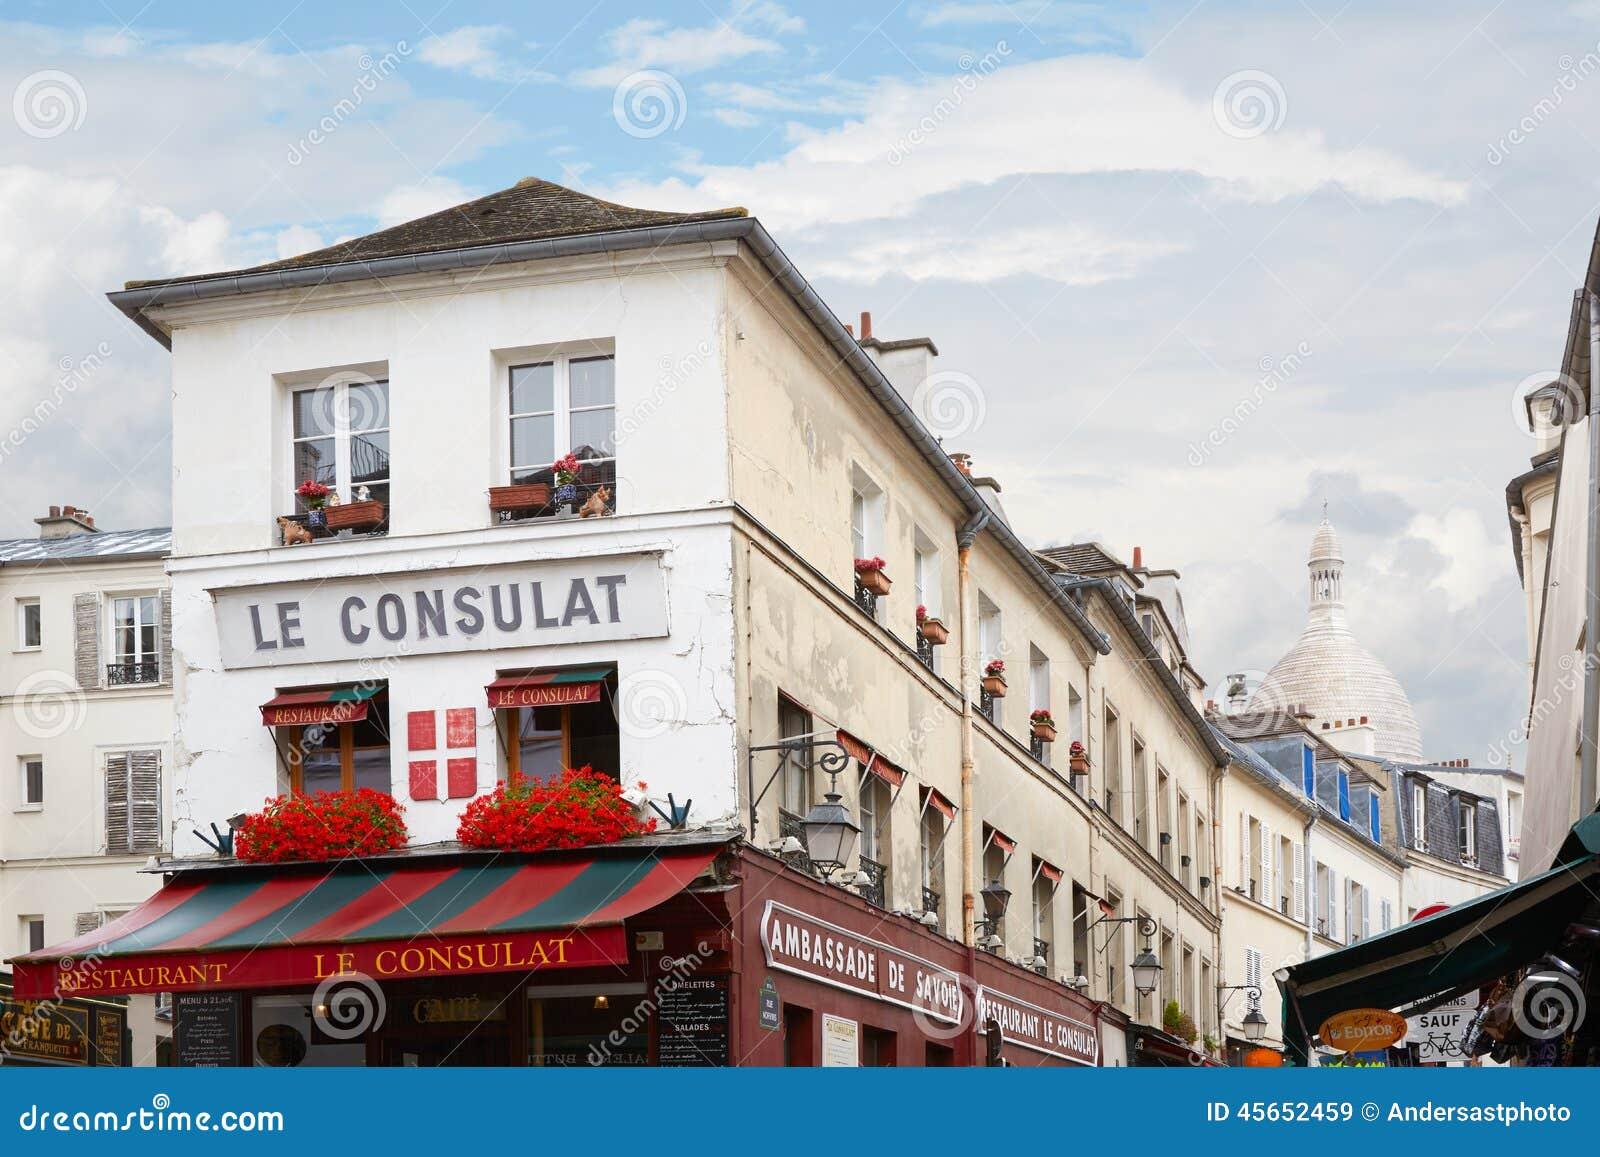 Le consulat restaurant bar paris france editorial image for Le miroir restaurant montmartre